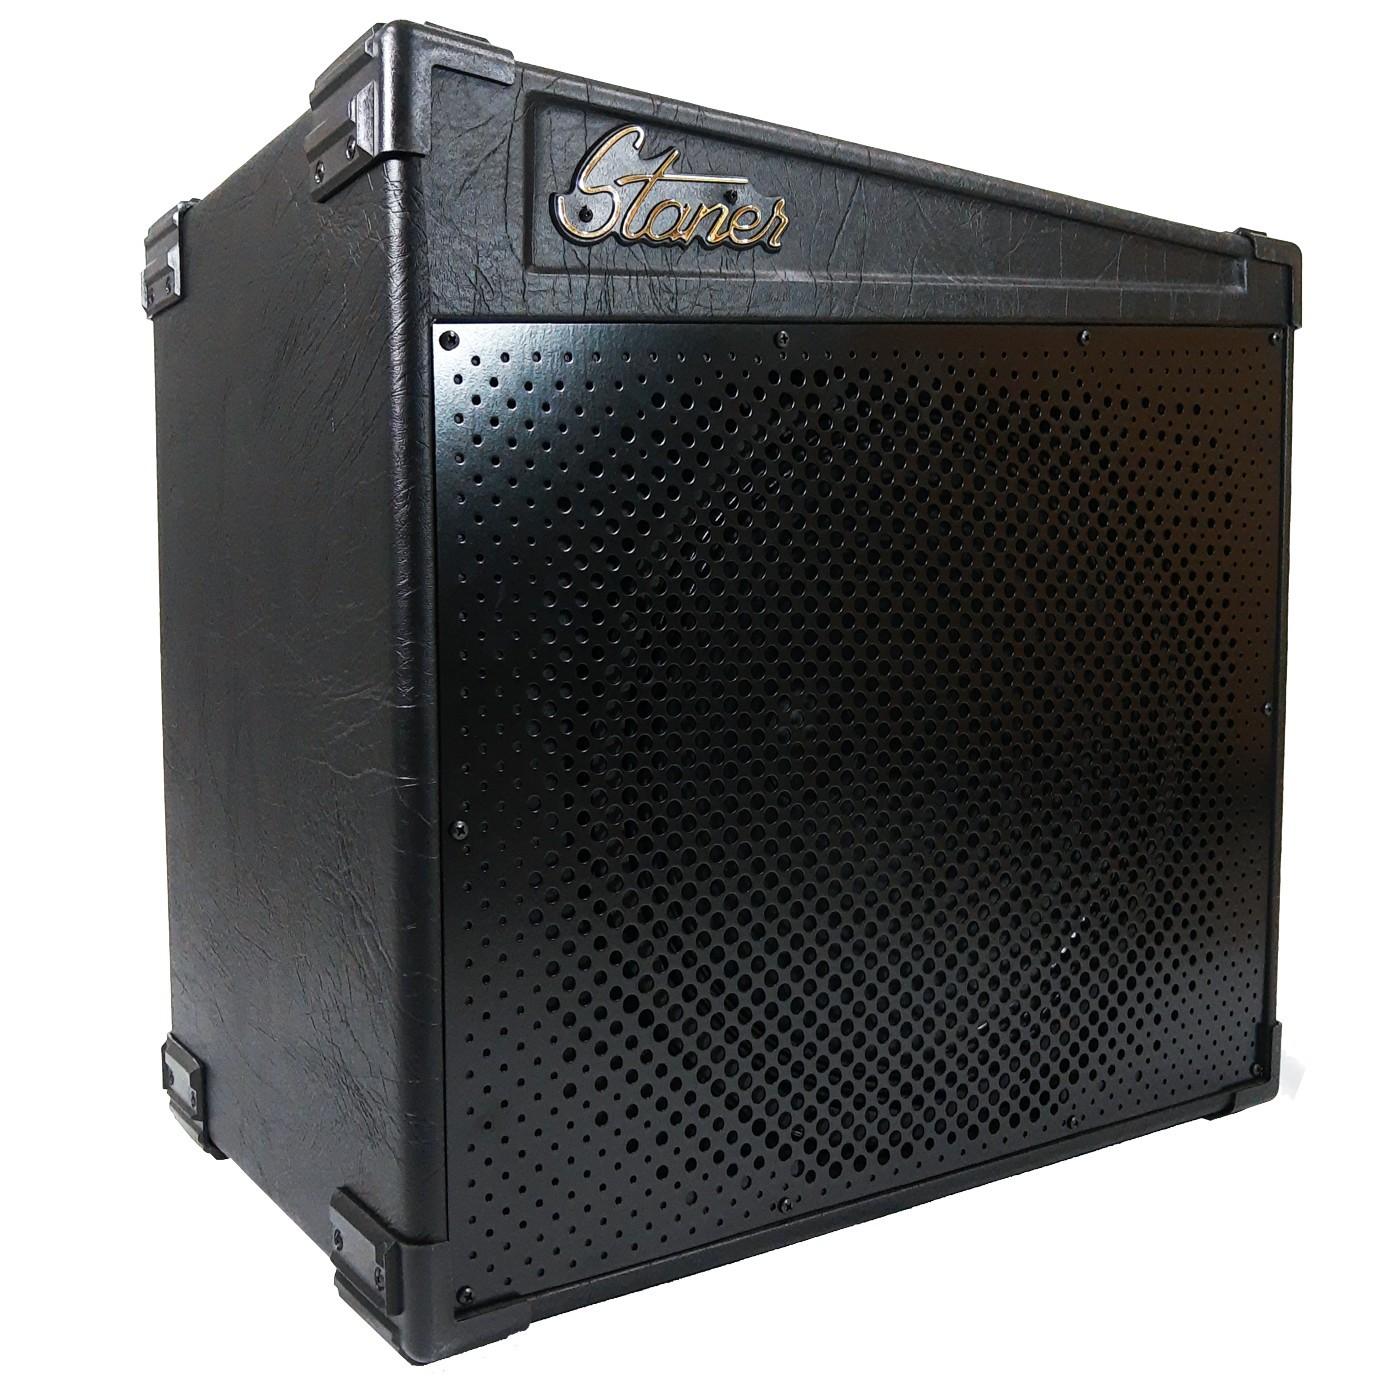 Amplificador Para Contra Baixo Staner Shout 215b 140w Rms